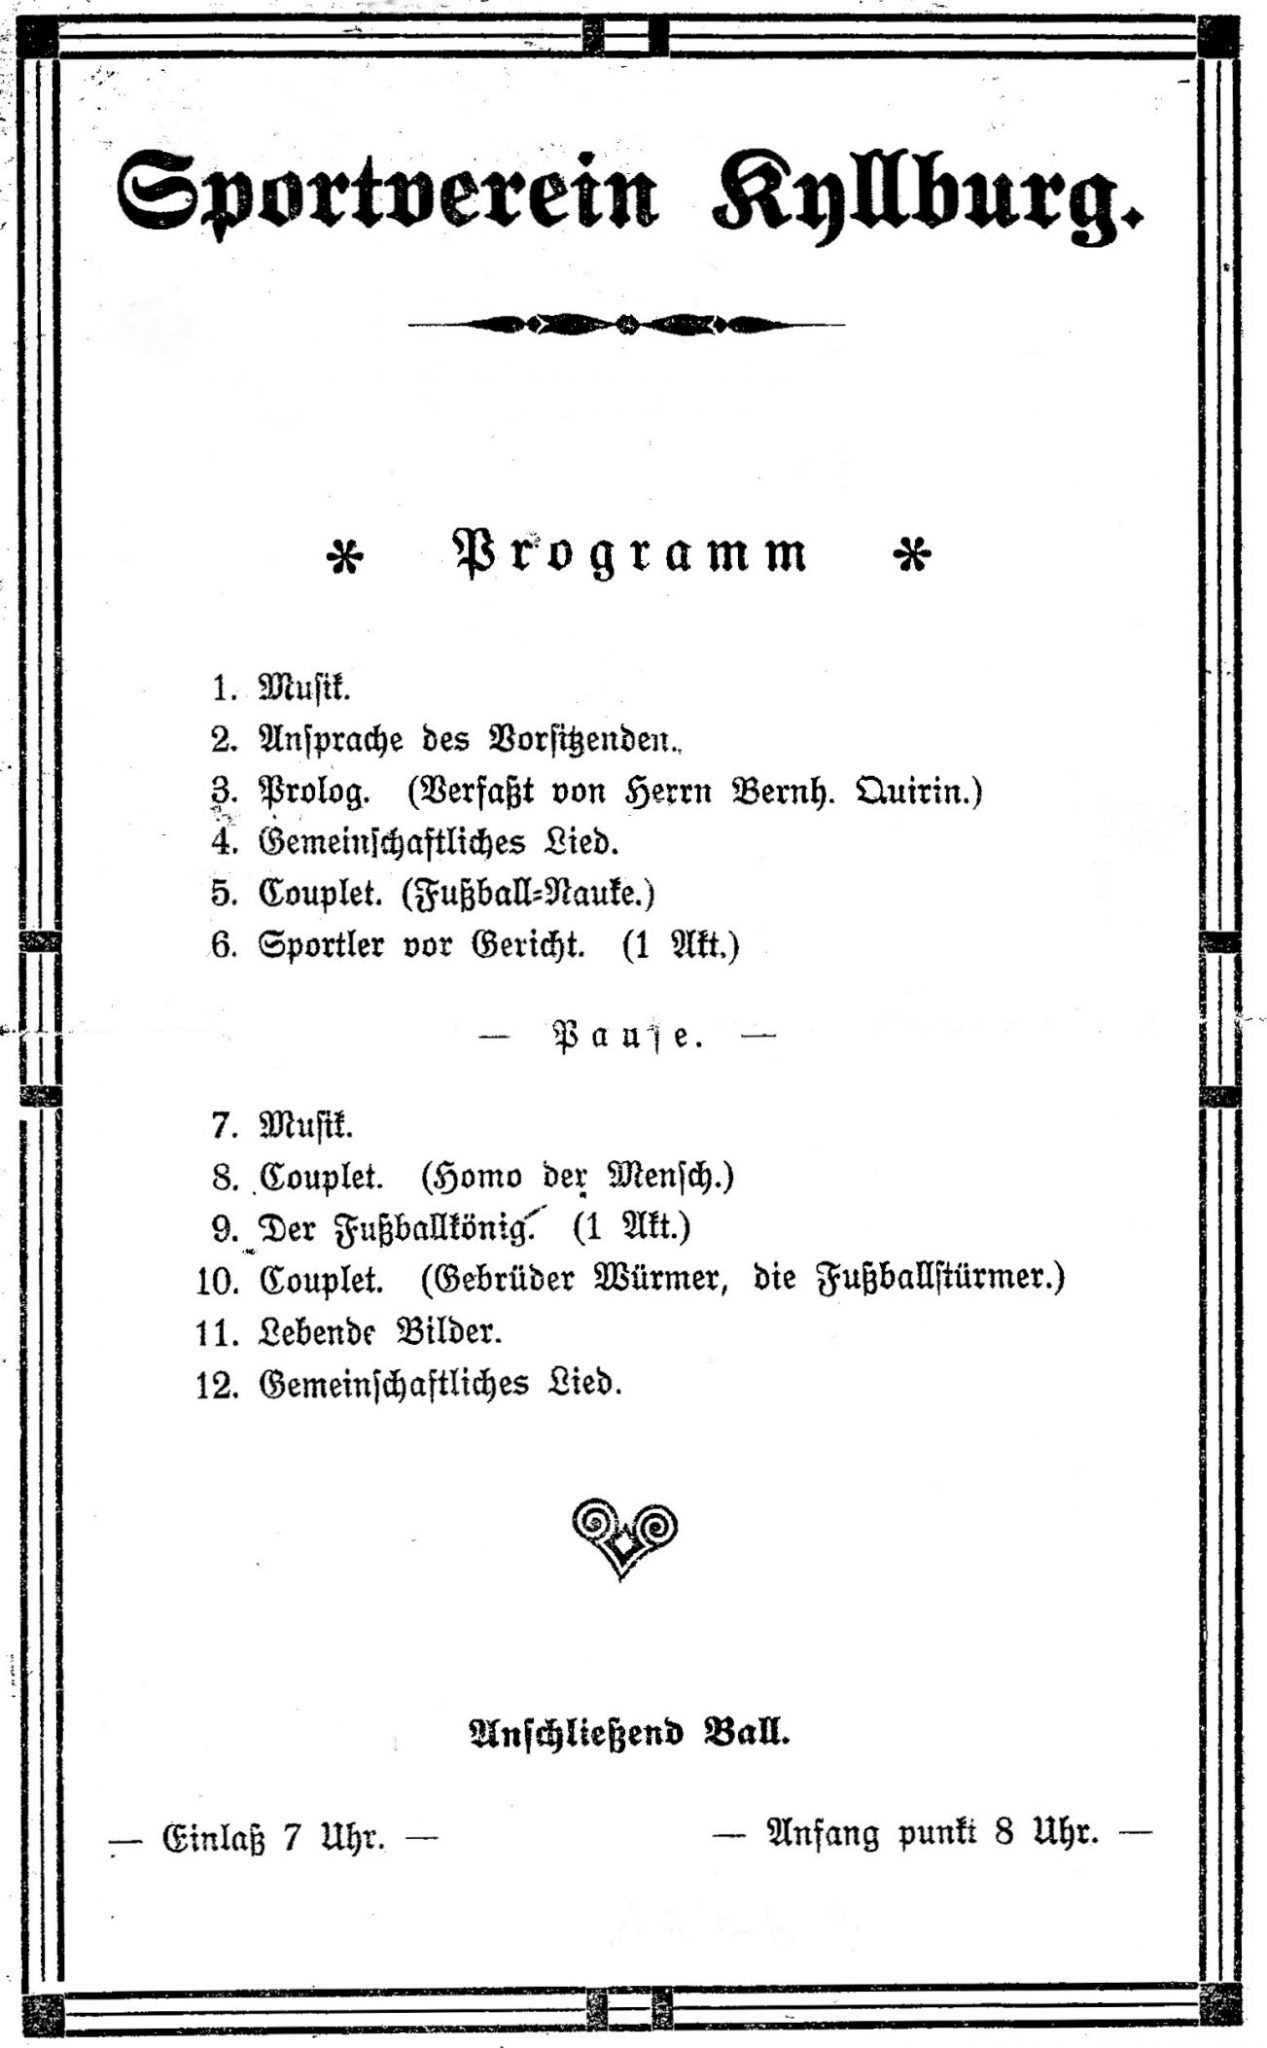 Ziele und Struktur des Vereins damals und heute | Sportverein ...